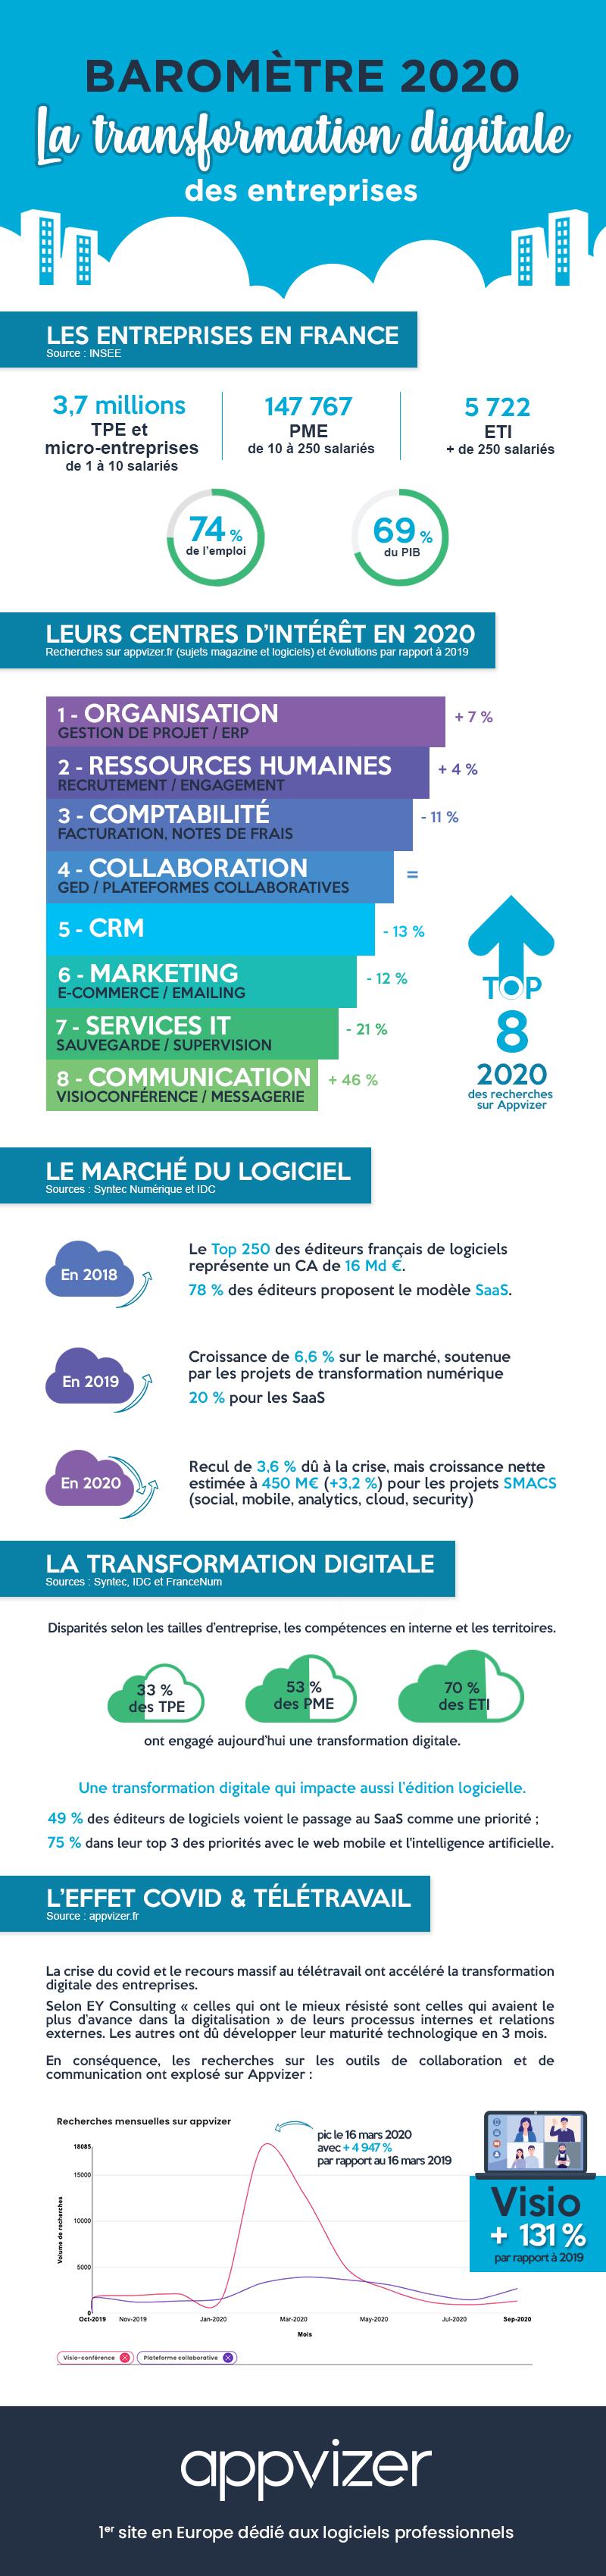 Baomètre Appvizer 2020 : Transformation digitale des entreprises